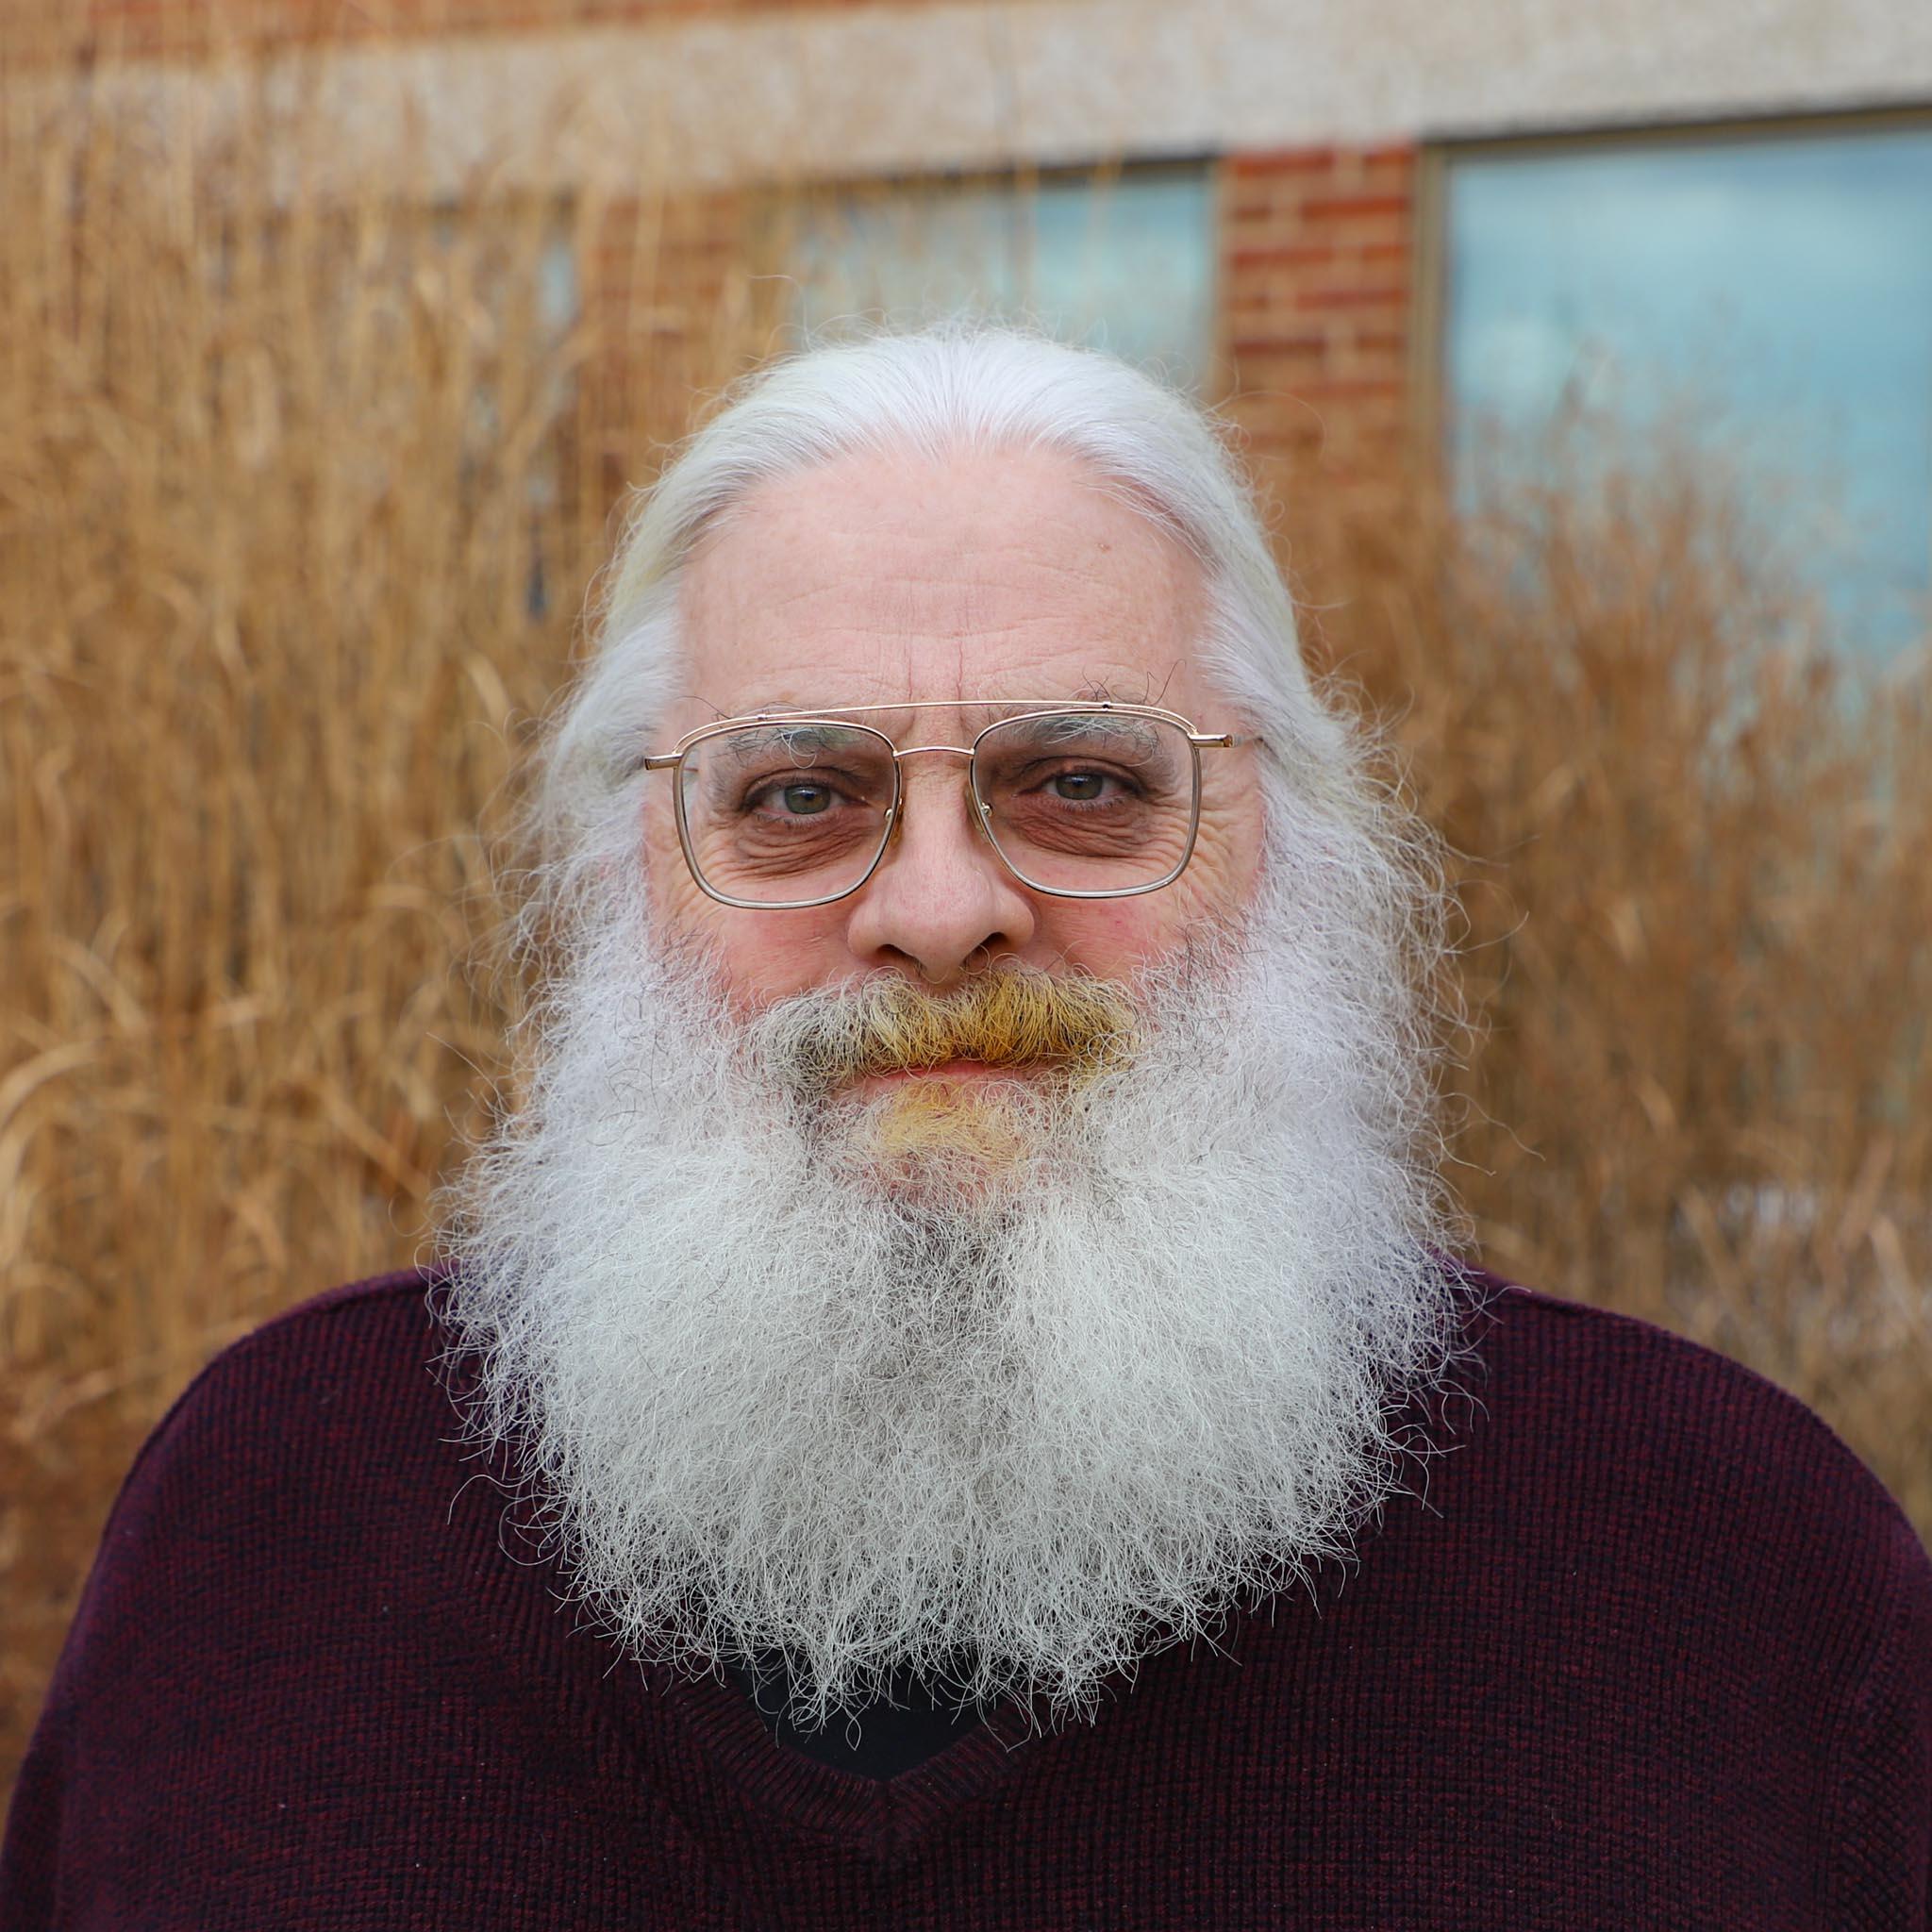 Dr. Mark Defazio